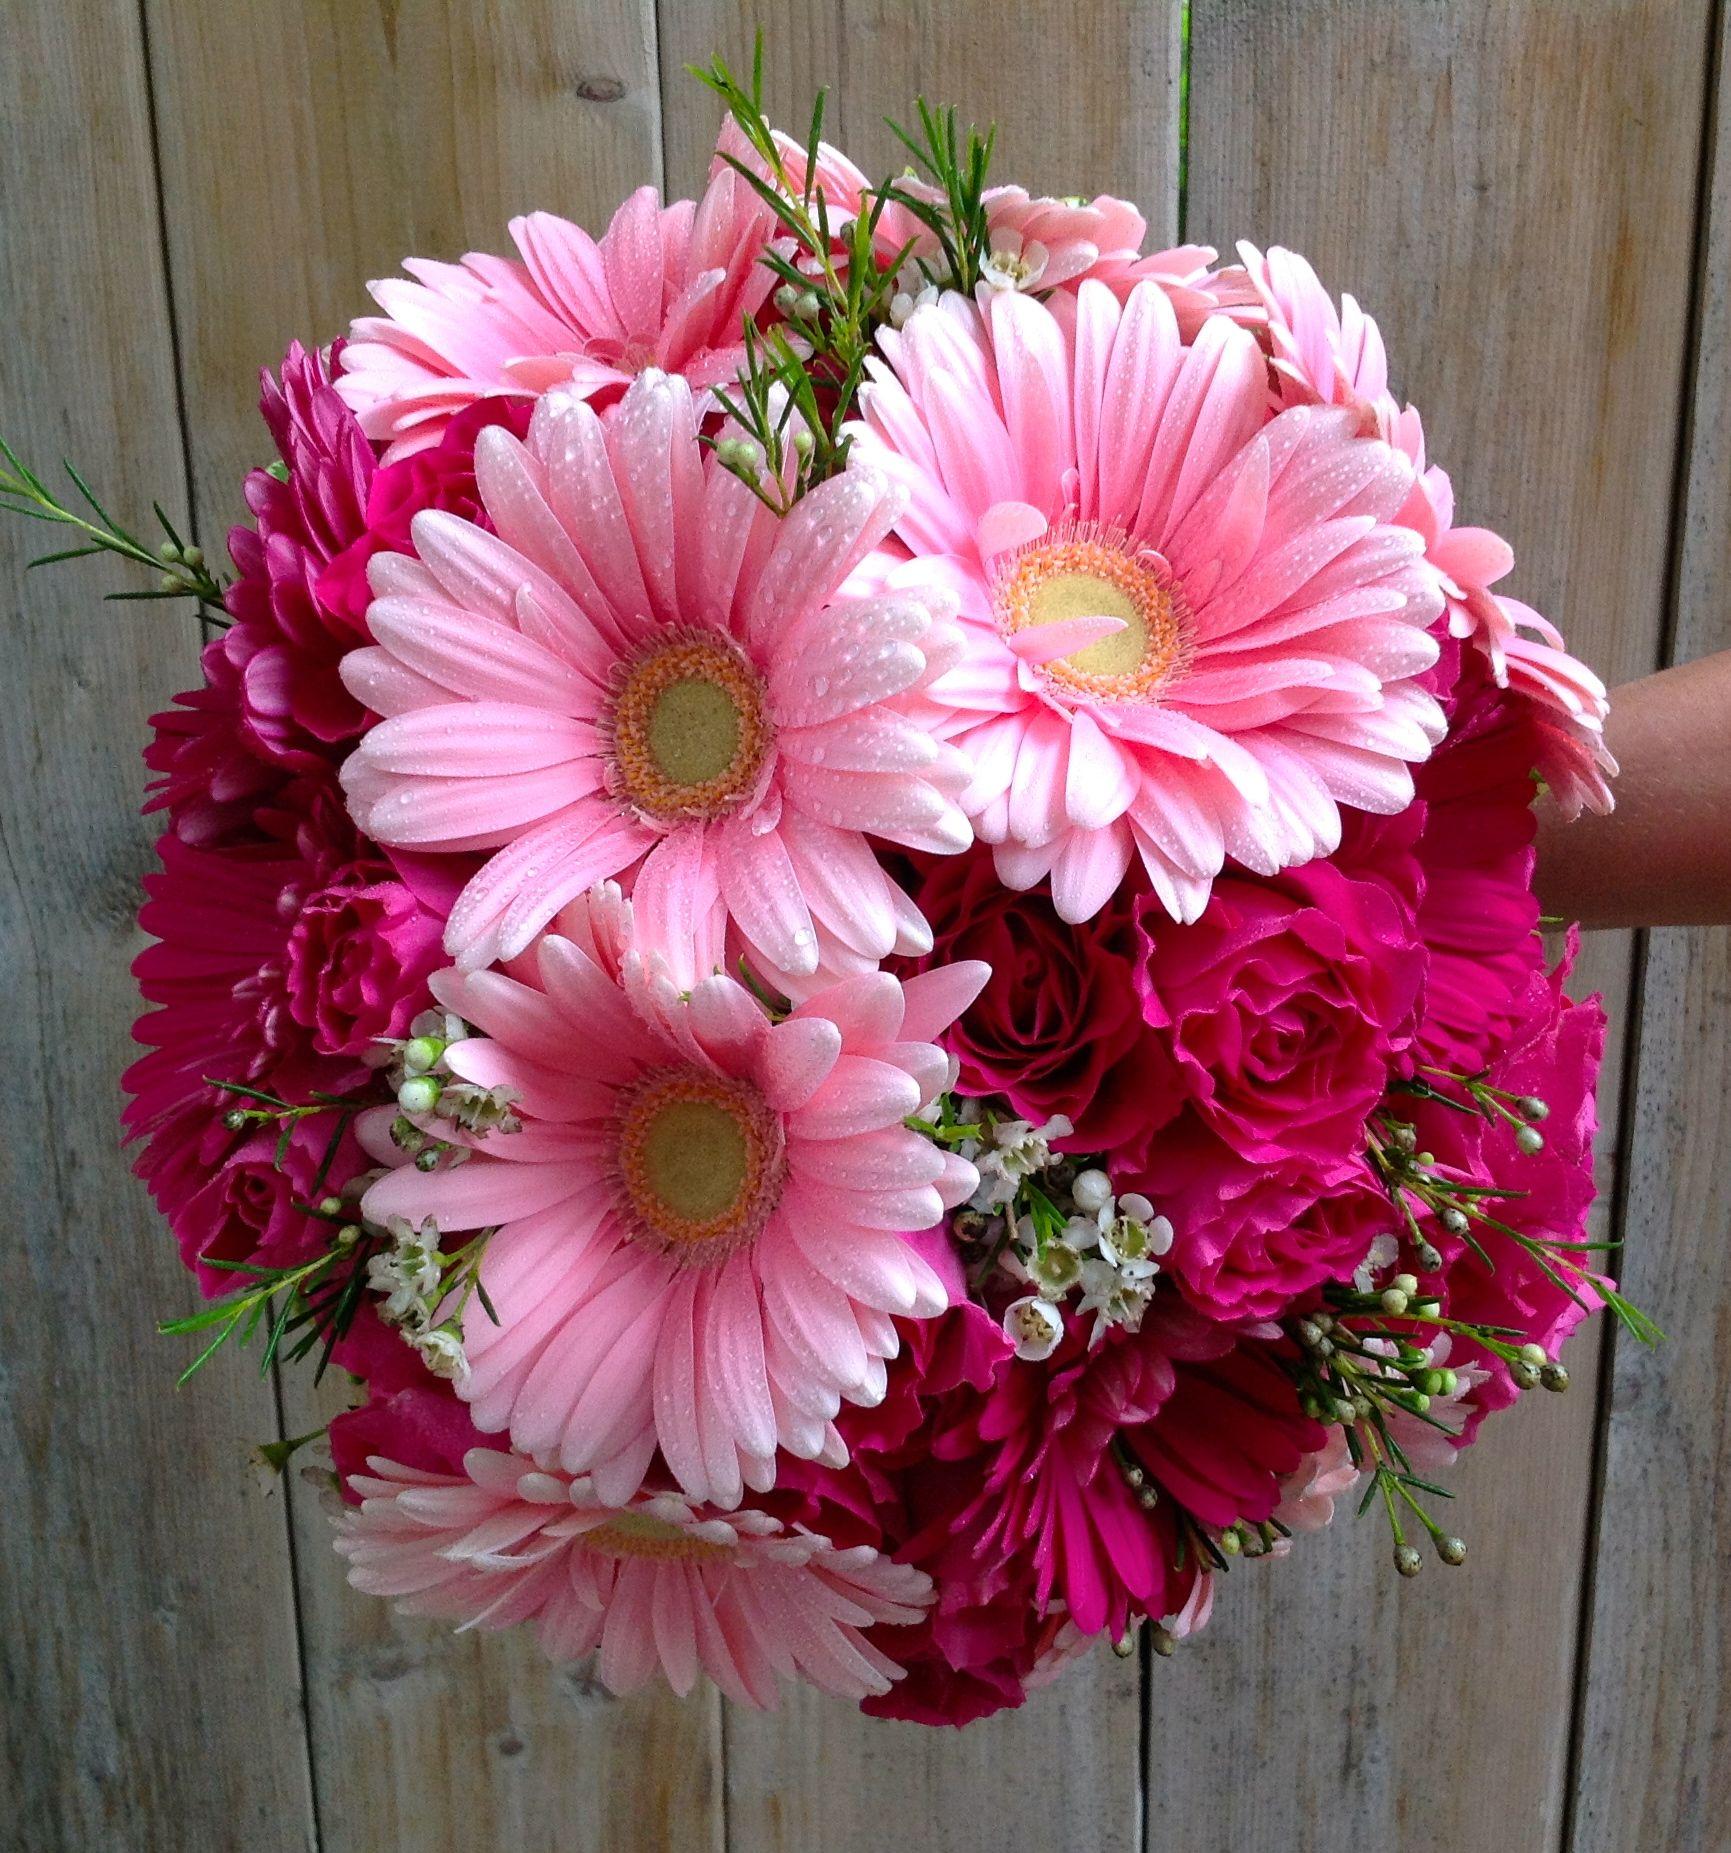 Gerbera Flower Wedding Bouquets: Daisy Gerbera Wedding Bouquet!